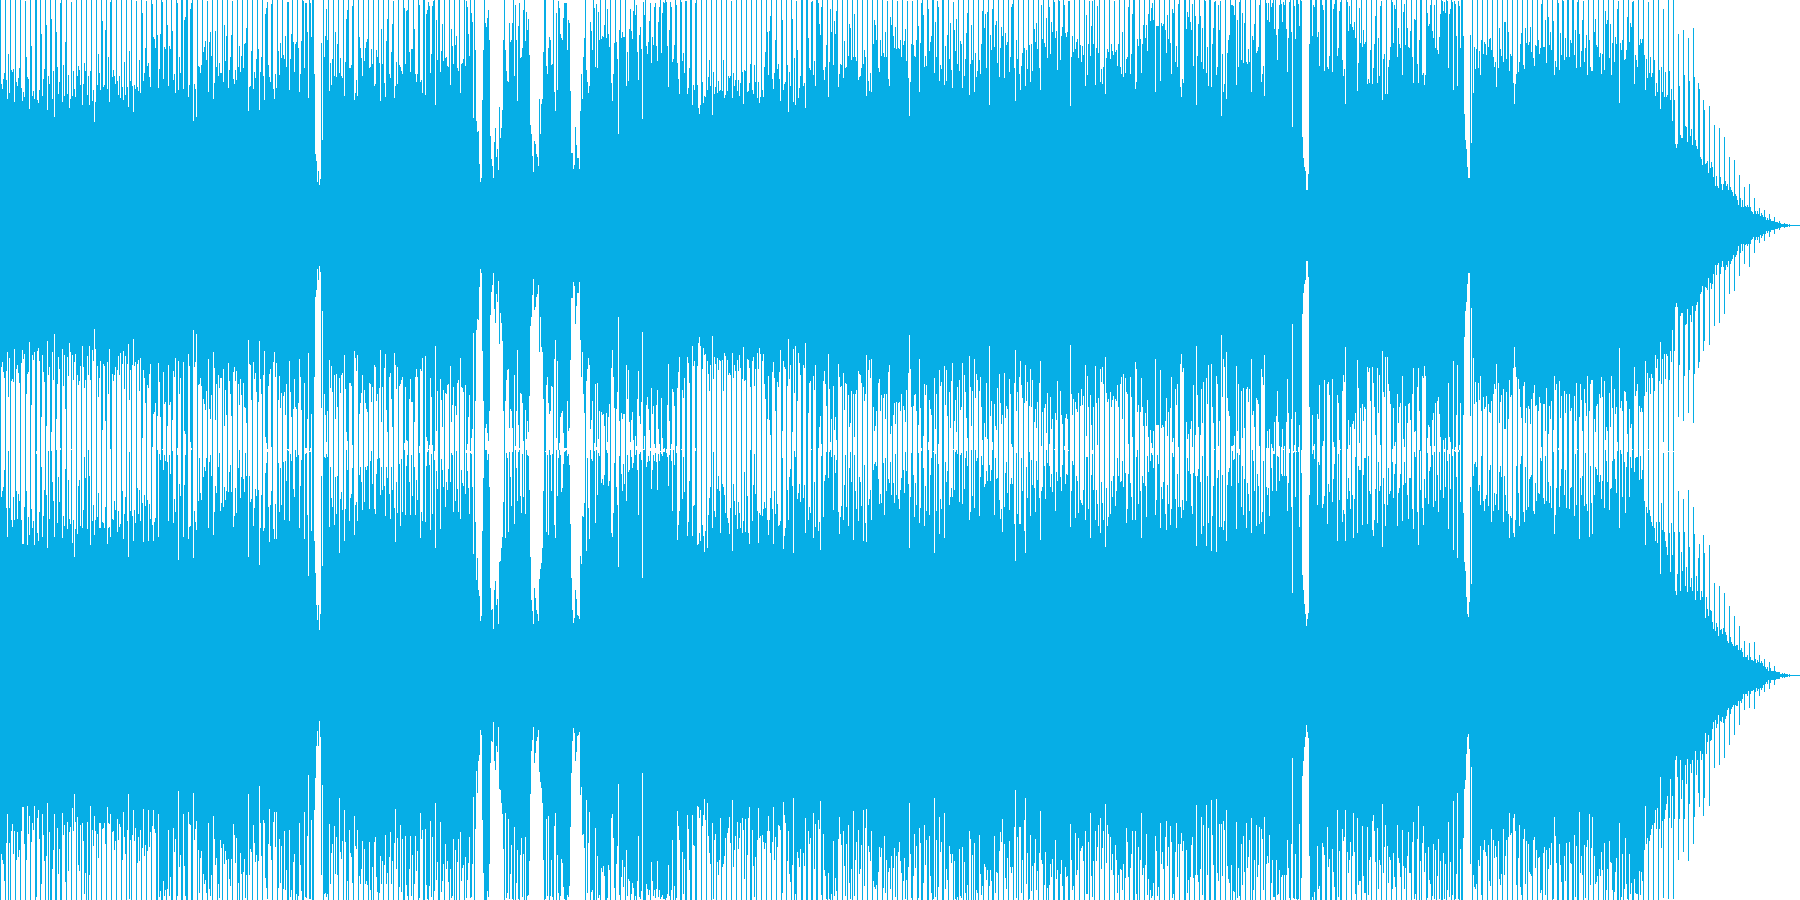 軽い4つうちリズムで心が弾む曲の再生済みの波形